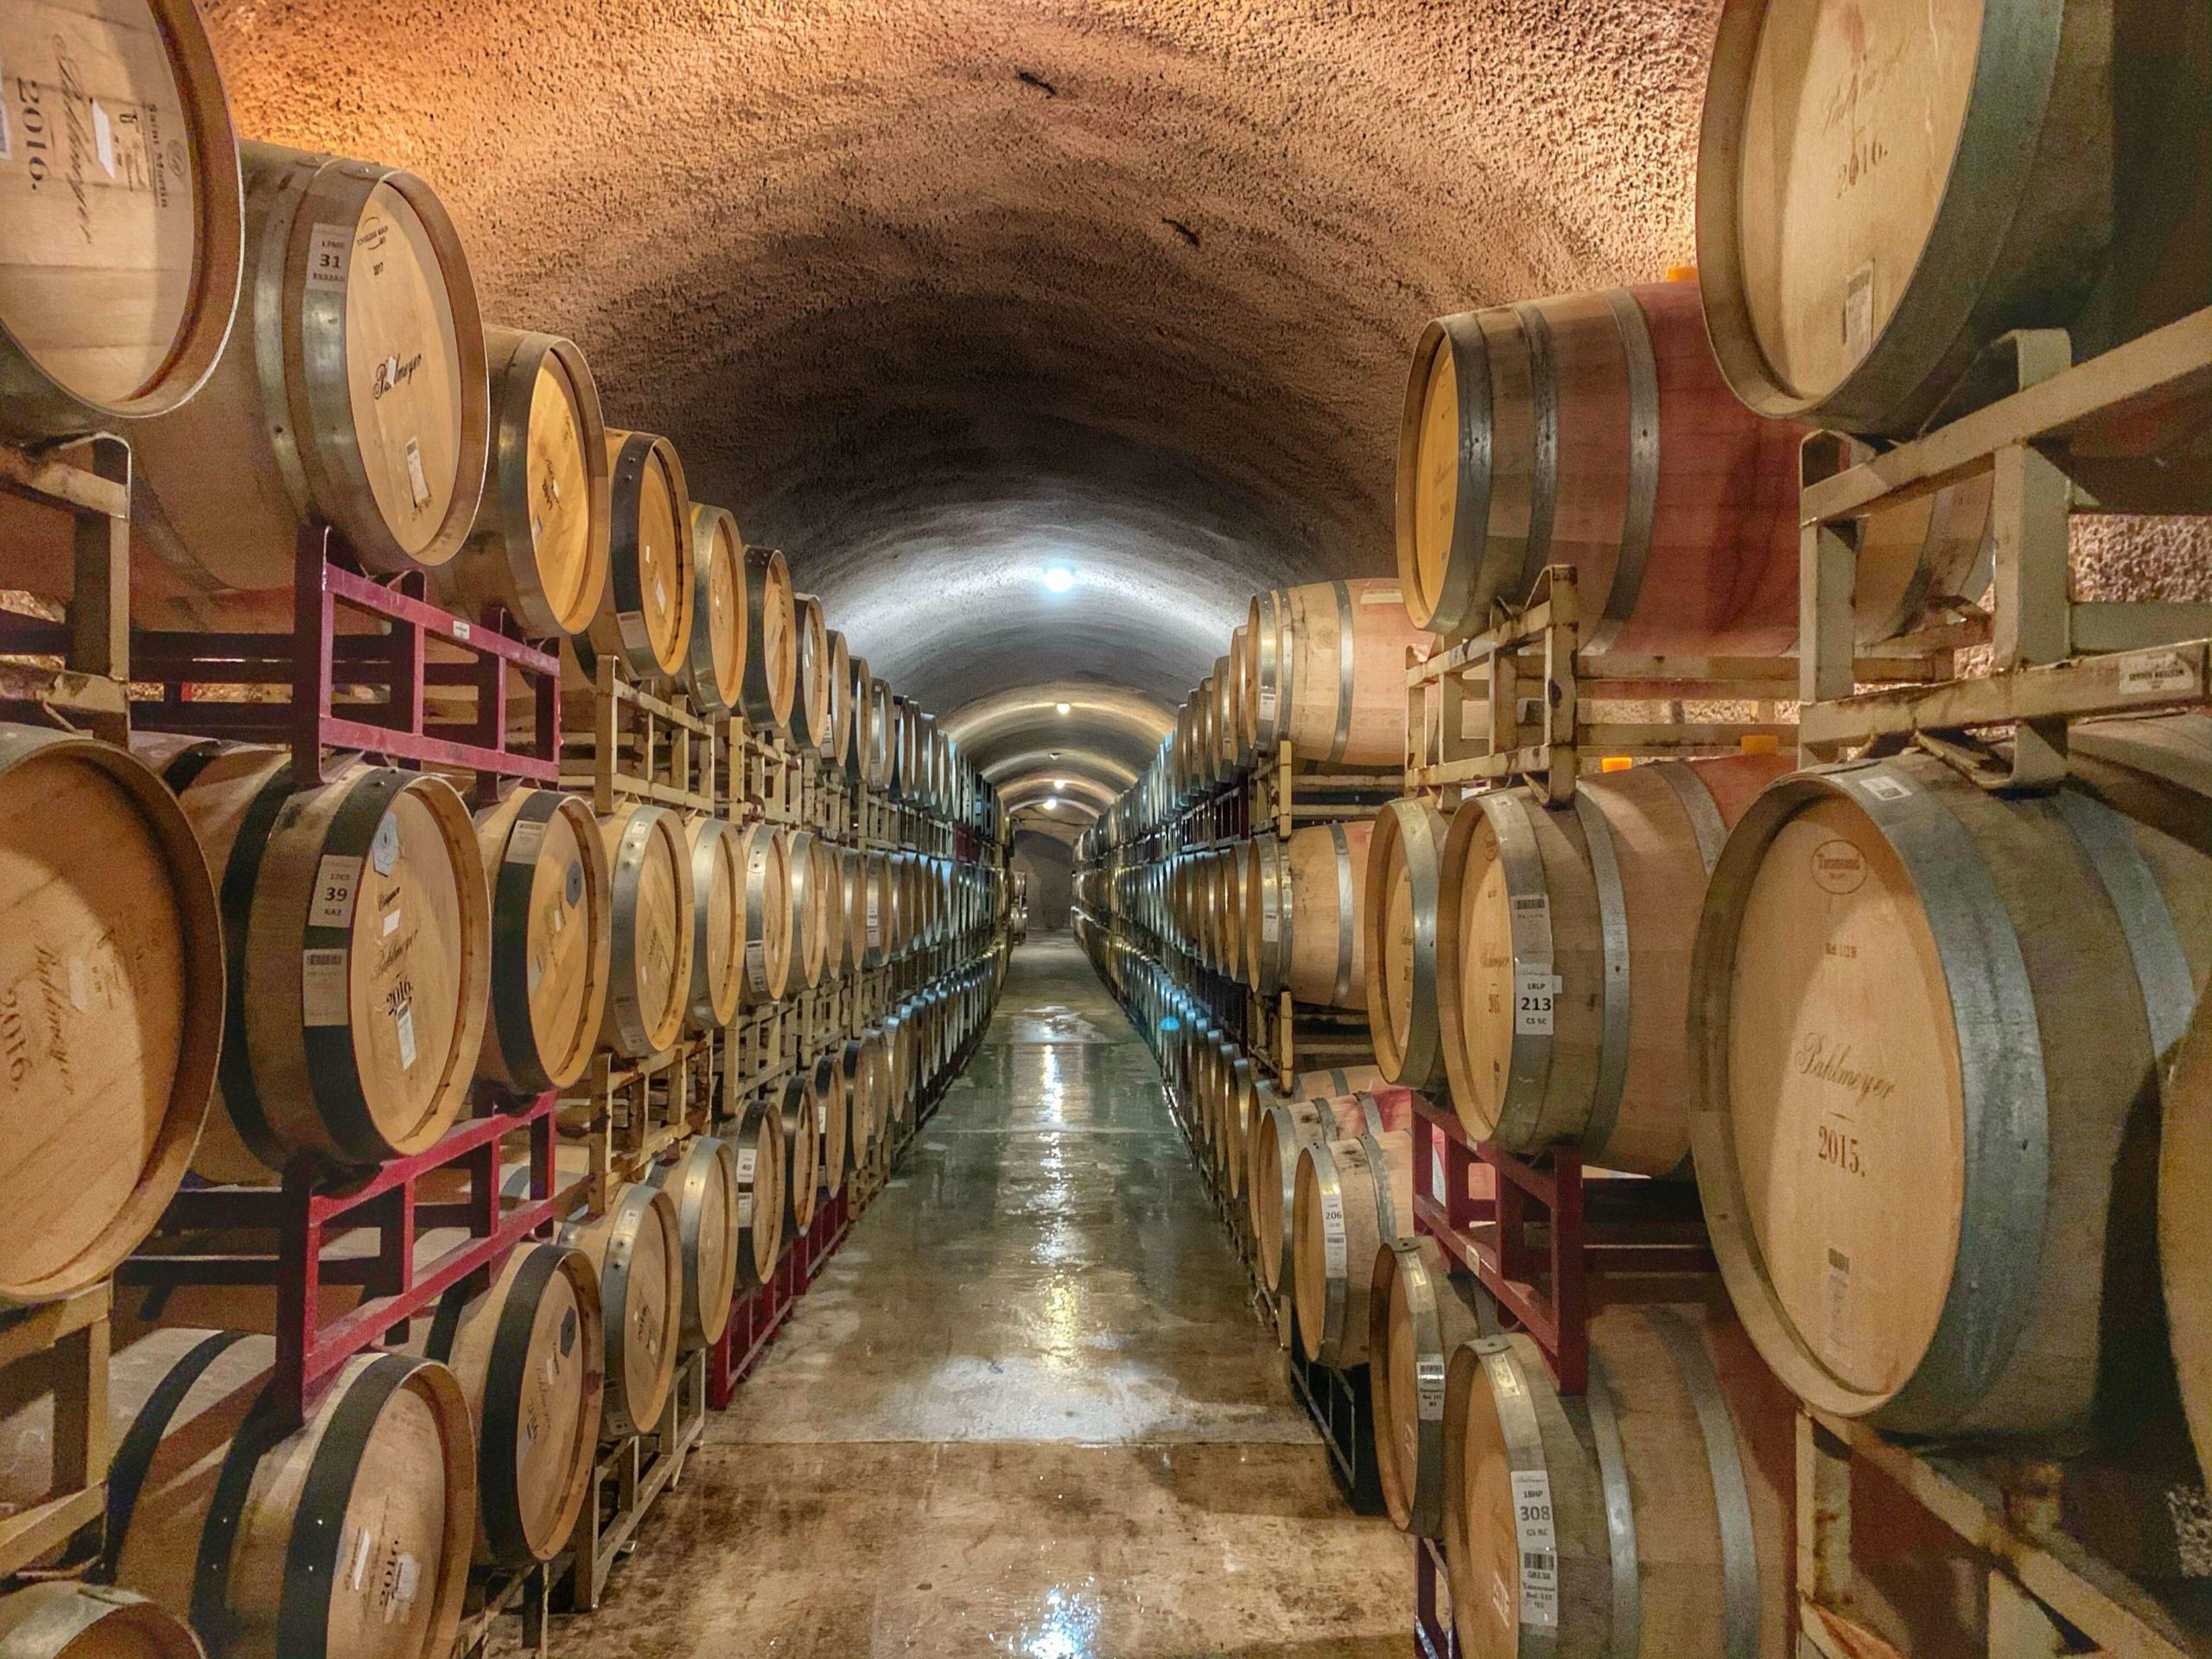 ワイン好き必見!山梨県昇仙峡周辺で5つのワイナリー巡り。